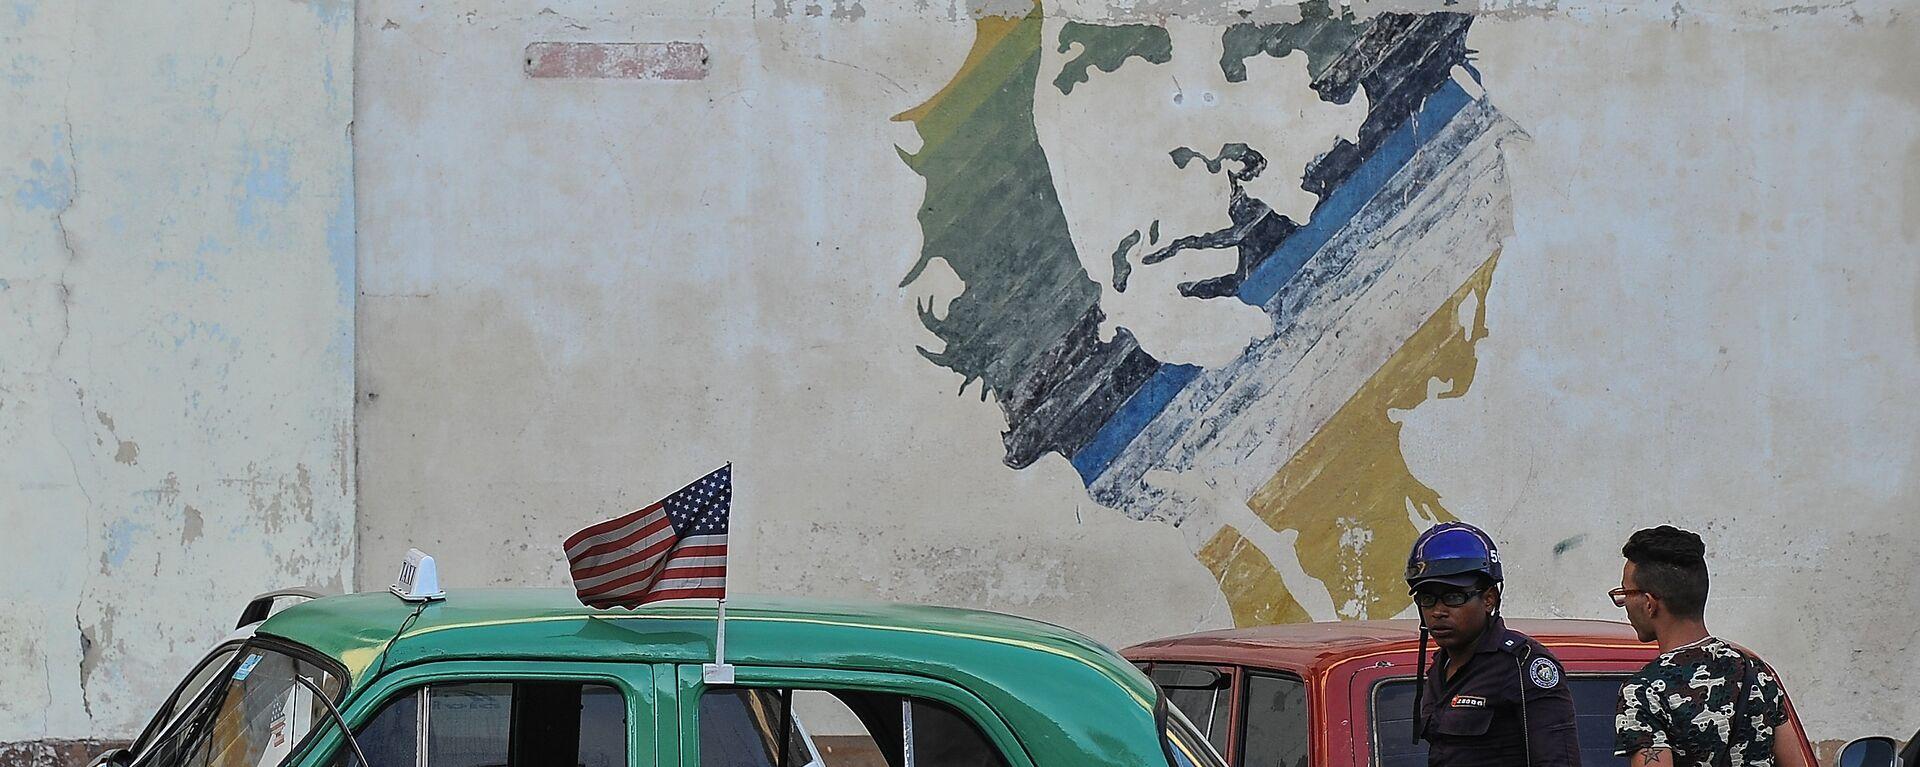 Аутомобил пролази поред графита са ликом Ернеста Че Геваре у Хавани на Куби - Sputnik Србија, 1920, 14.07.2021